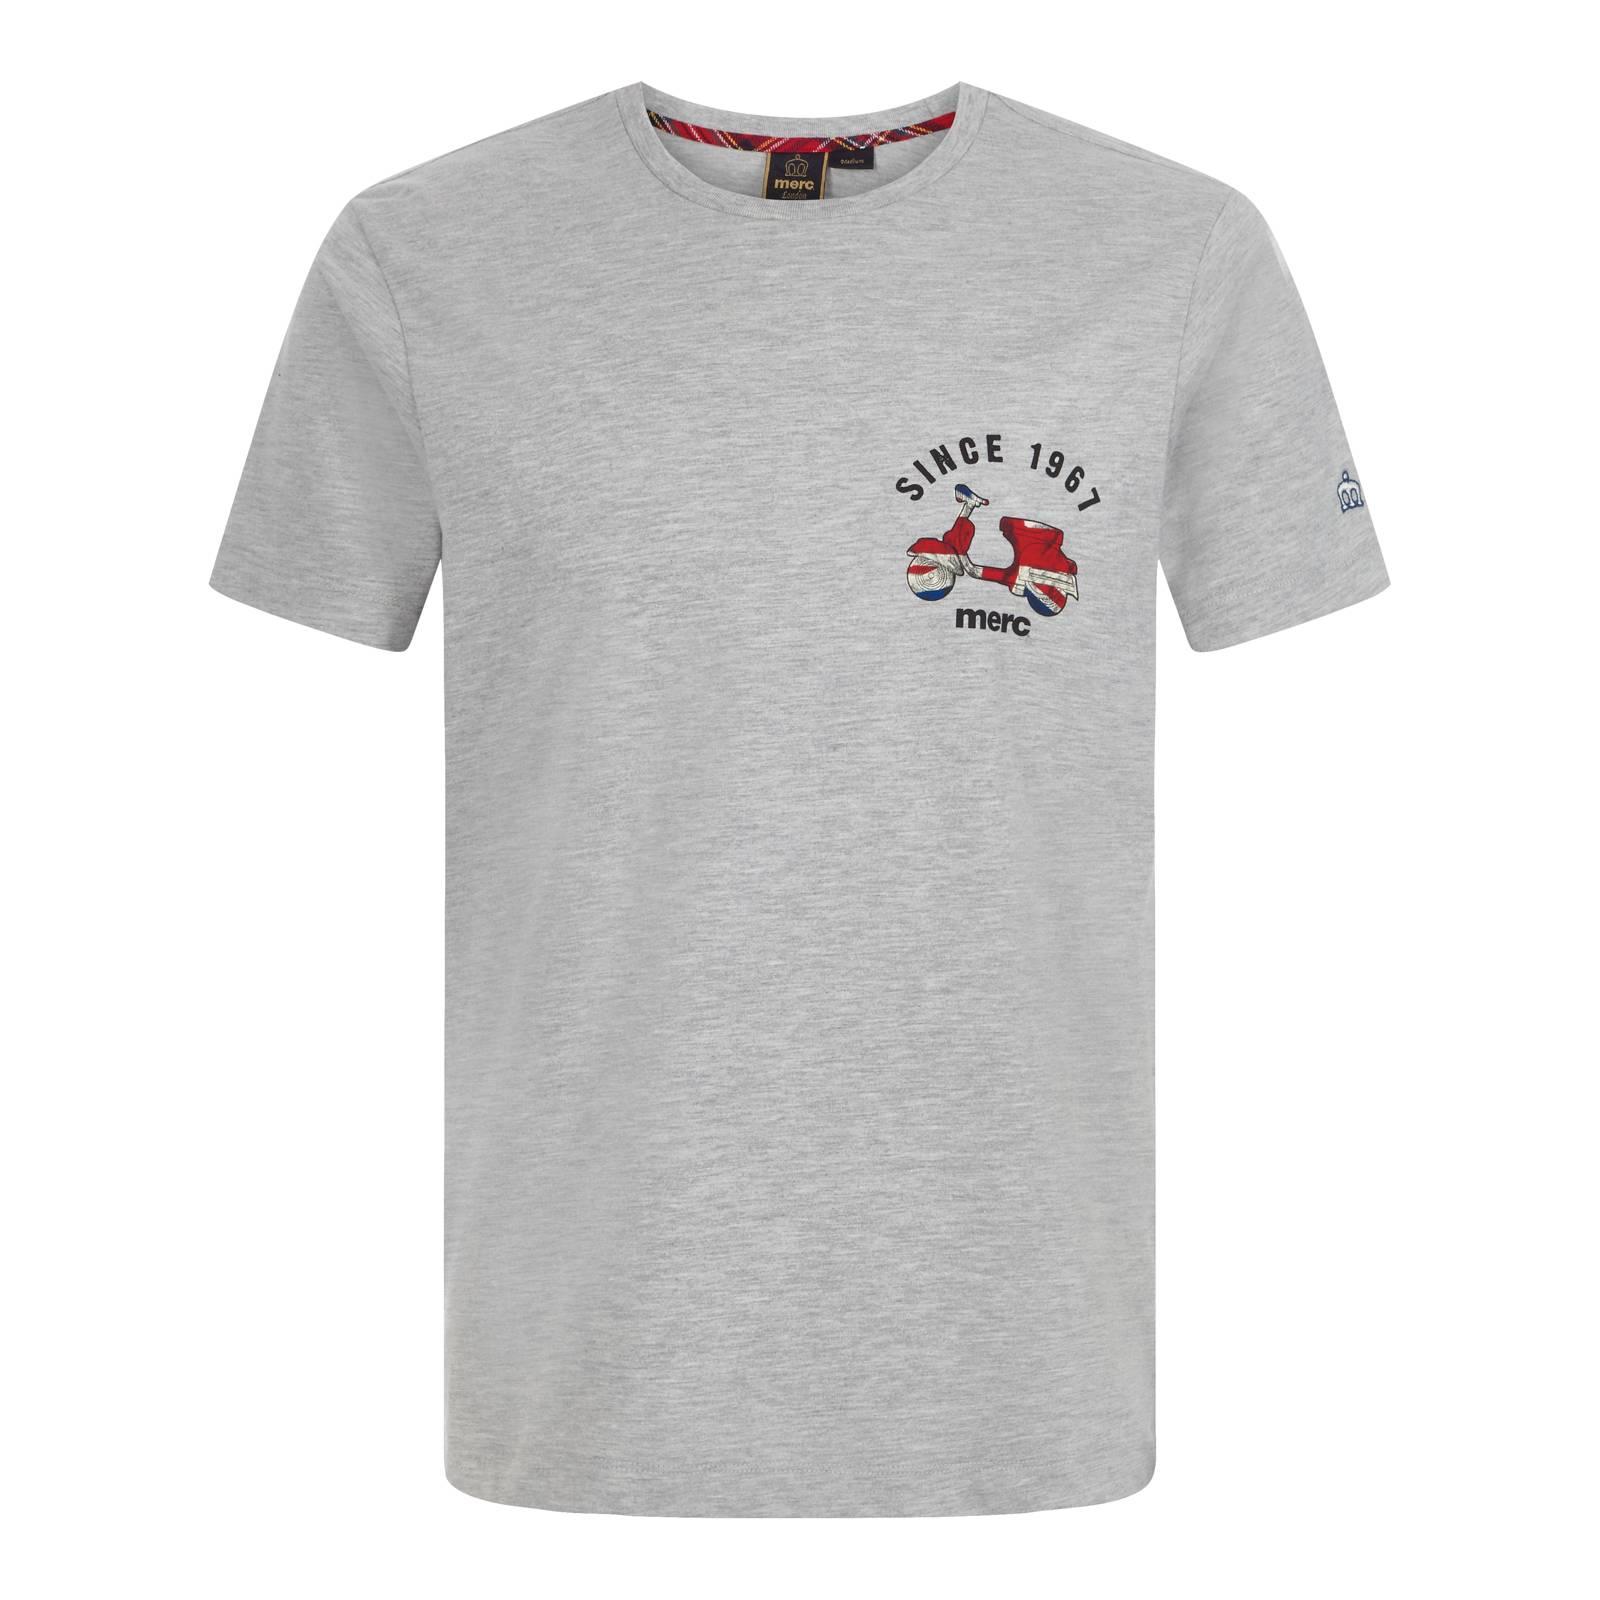 Футболка LudlowСлайдер на главной<br>Комфортного покроя мужская футболка из мягкого натурального материала высокого качества. Минималистский принт в честь полувекового юбилея бренда символизирует историческую связь марки с британской субкультурой модернистов, сделавших скутер неотъемлемой частью своего стиля и образа жизни, и подходит для тех, кто предпочитает лаконичный стиль даже в традиционно более неформальных предметах повседневного гардероба. Брендирована фирменным лого на левом рукаве.<br><br>Артикул: 1717108<br>Материал: 100% хлопок<br>Цвет: серый меланж<br>Пол: Мужской